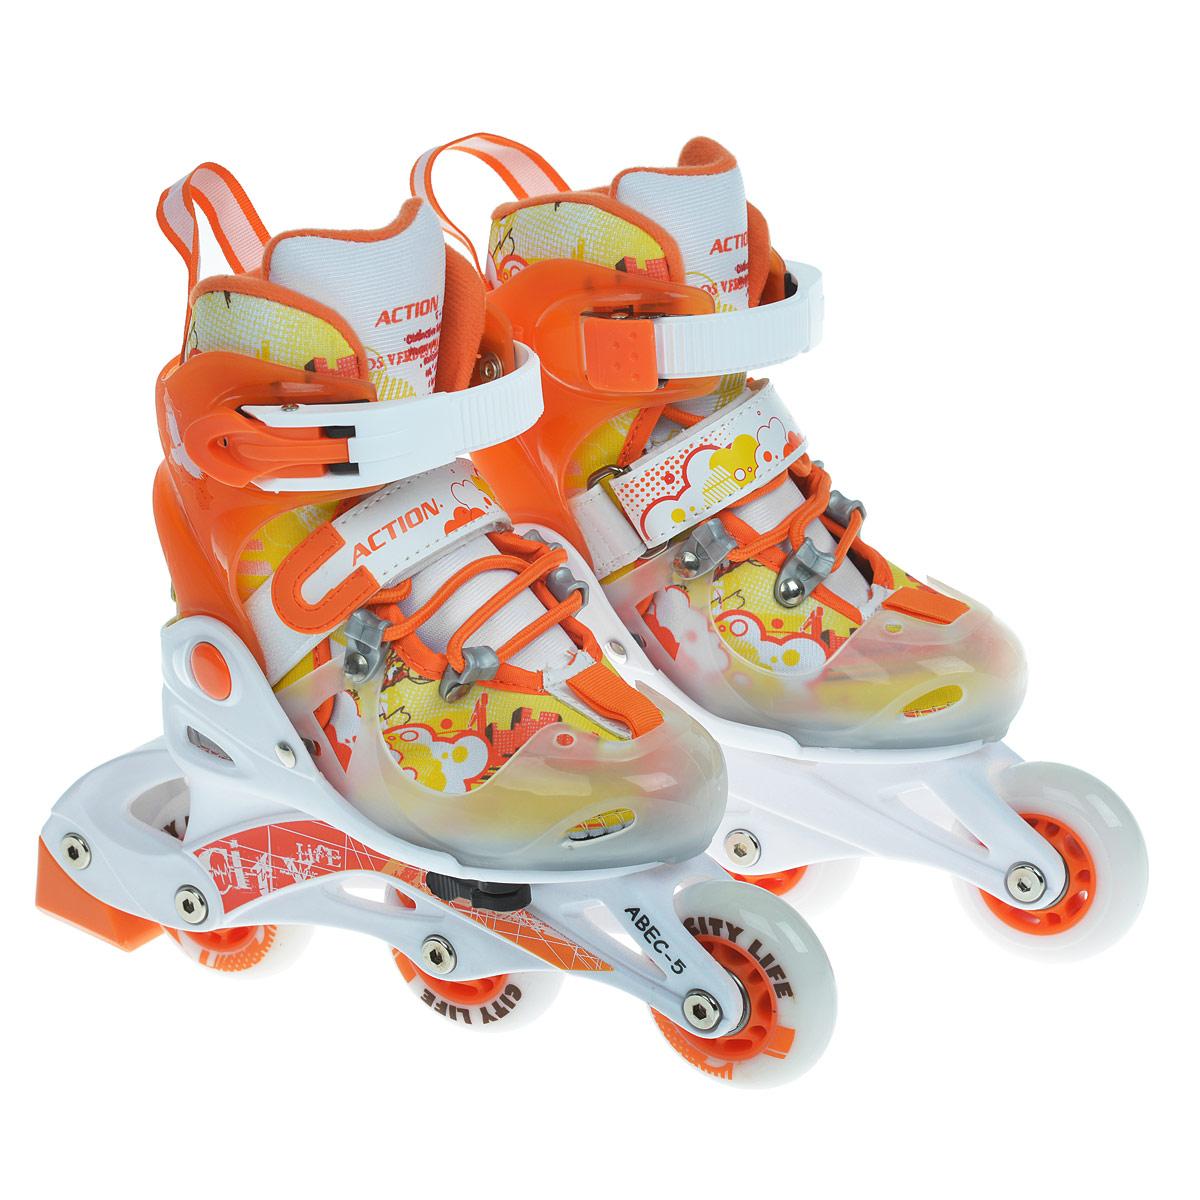 Коньки роликовые Action, раздвижные, цвет: оранжевый. PW-116. Размер 30/33PW-116Мягкий ботинок, шасси: пластик (цветной), подшипник ABEC-5. Колеса - полиуретан. Материал подкладки - EVA. Цвет - оранжевый/белый/желтый, тормоз - оранжевый. Эта модель снабжена специальным комплектом для перестановки среднего колеса на задний ряд, что придает ноге дополнительную устойчивость. Для тех, кто любит активный отдых, самым подходящим вариантом являются катание на роликах. Этот вид спорта пользуется большой популярностью не только у детей и молодежи, но и у достаточно взрослых людей, которые заботятся о своем здоровье и хотят сохранить свою фигуру в хорошей физической форме. Кроме этого, катание на роликах – это огромное удовольствие, которое заряжает энергией, дарит море положительных эмоций и ощущение радости. Если раньше катание на роликовых коньках считалось детским развлечением, то сегодня им увлекаются в разном возрасте, поскольку оздоровительный эффект от катания на роликовых коньках намного выше, чем от бега и езды на велосипеде. Отличительной особенностью детского...